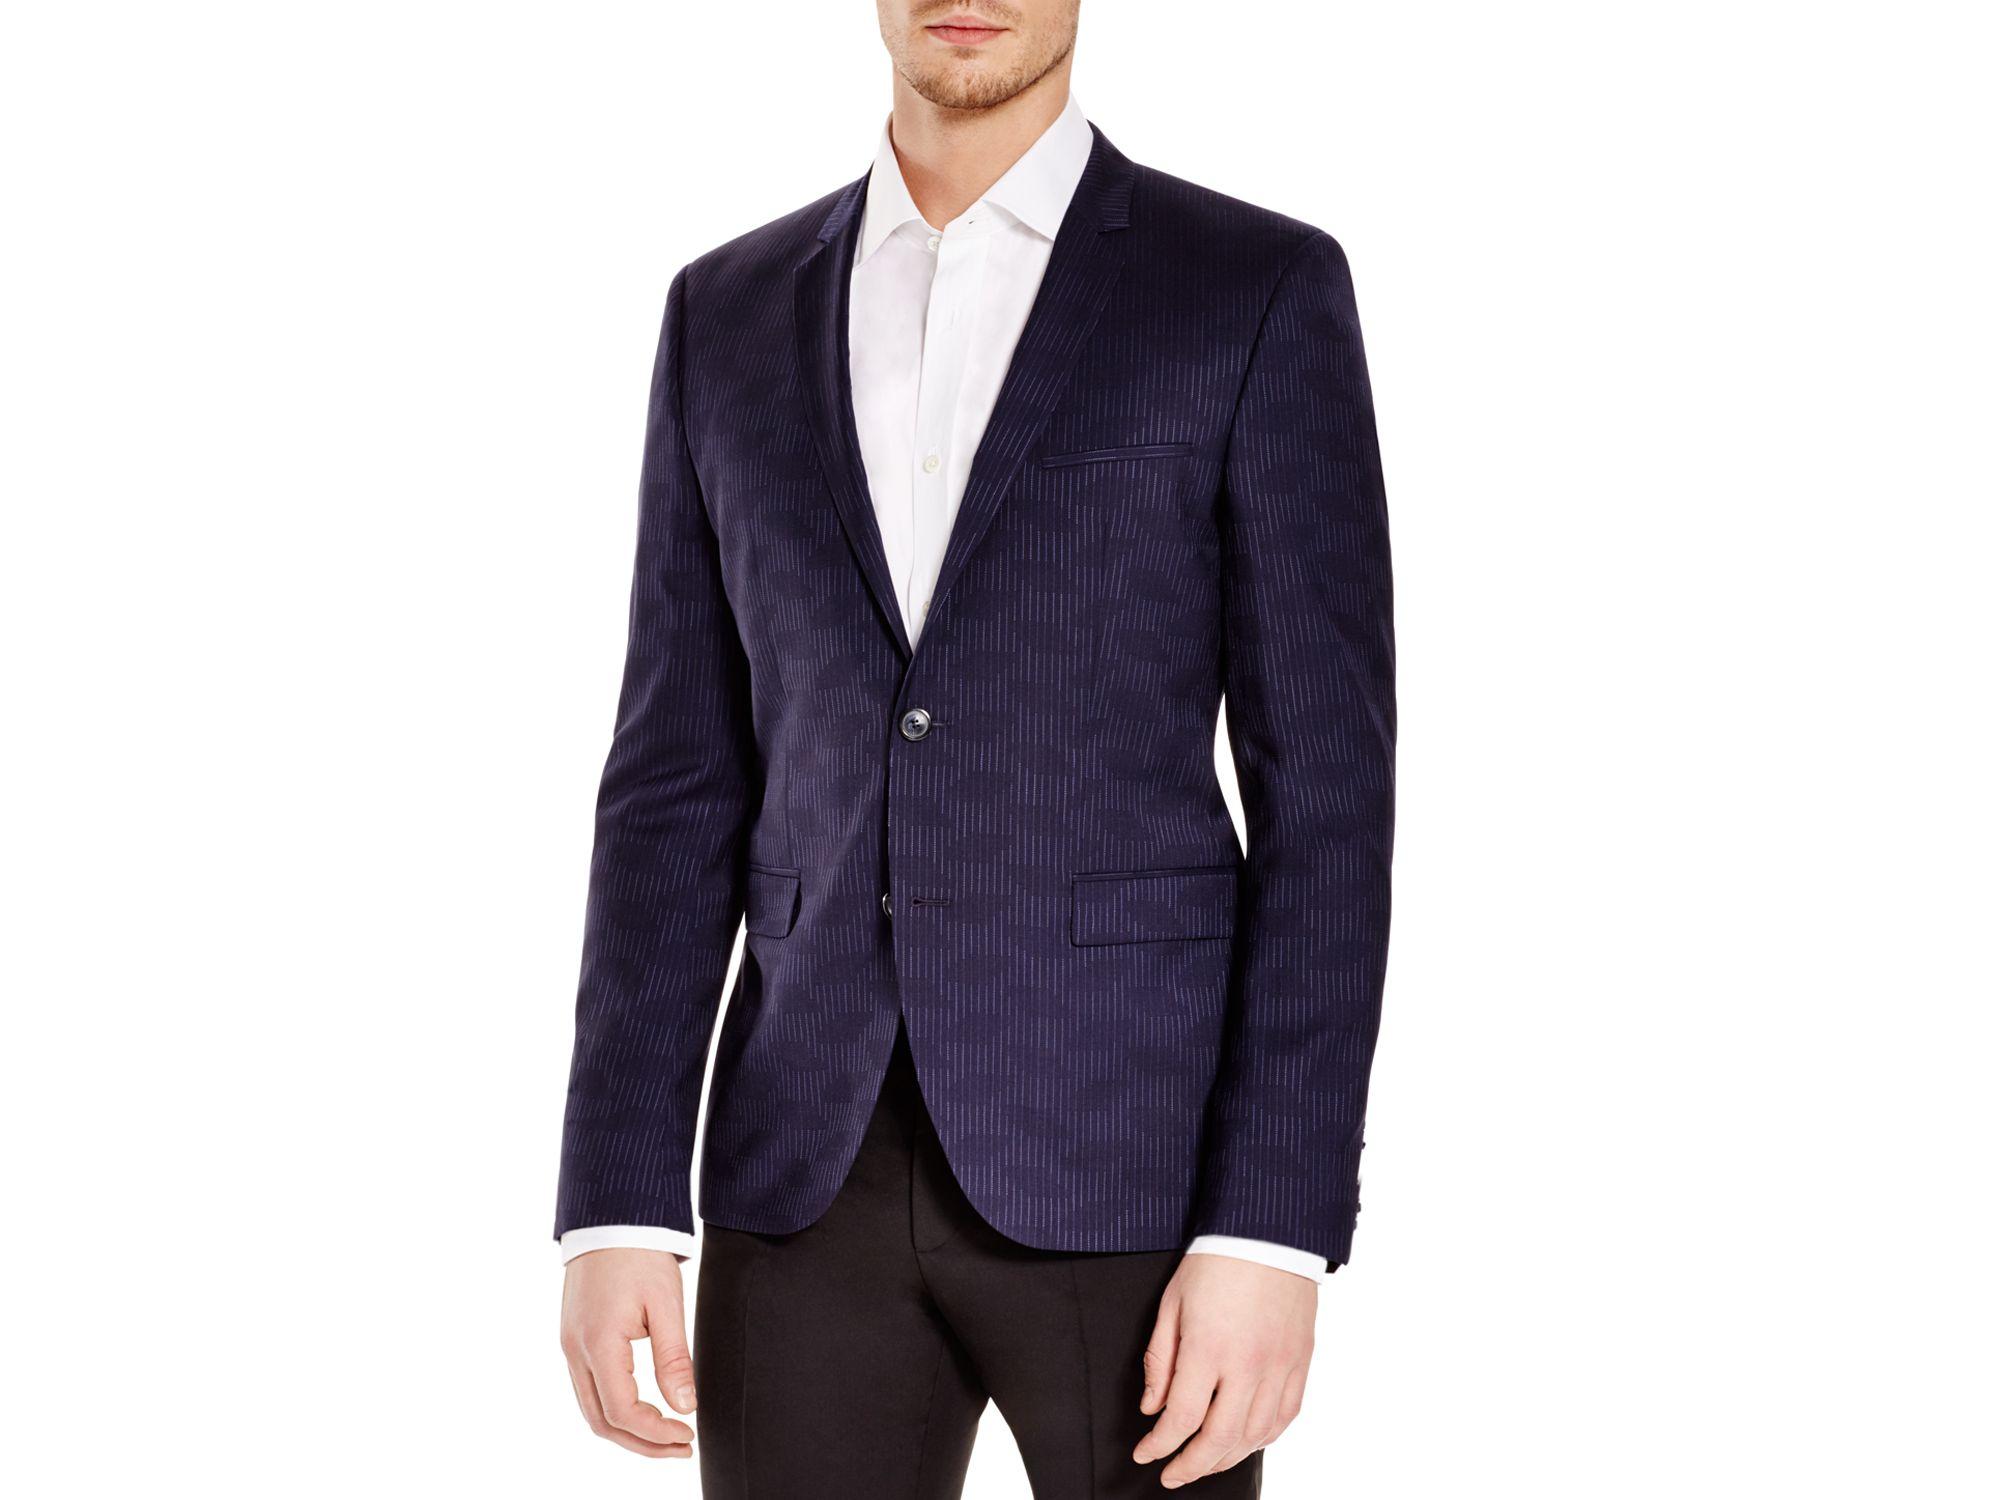 hugo boss blue sport coat. Black Bedroom Furniture Sets. Home Design Ideas